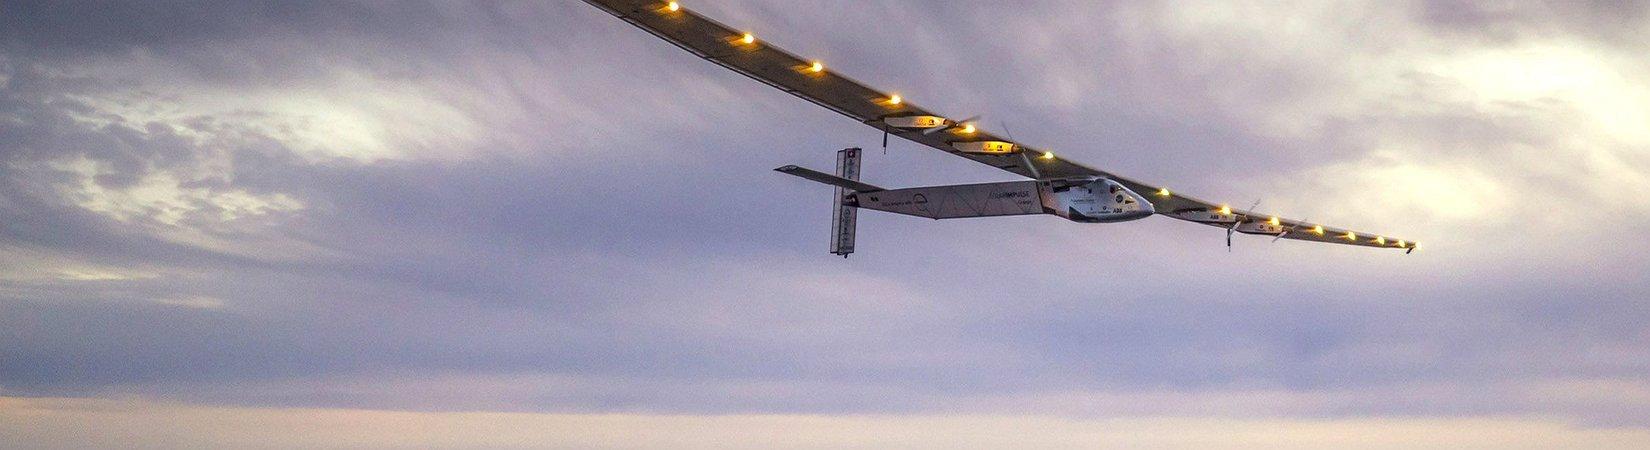 El avión Solar Impulse 2 llega a España